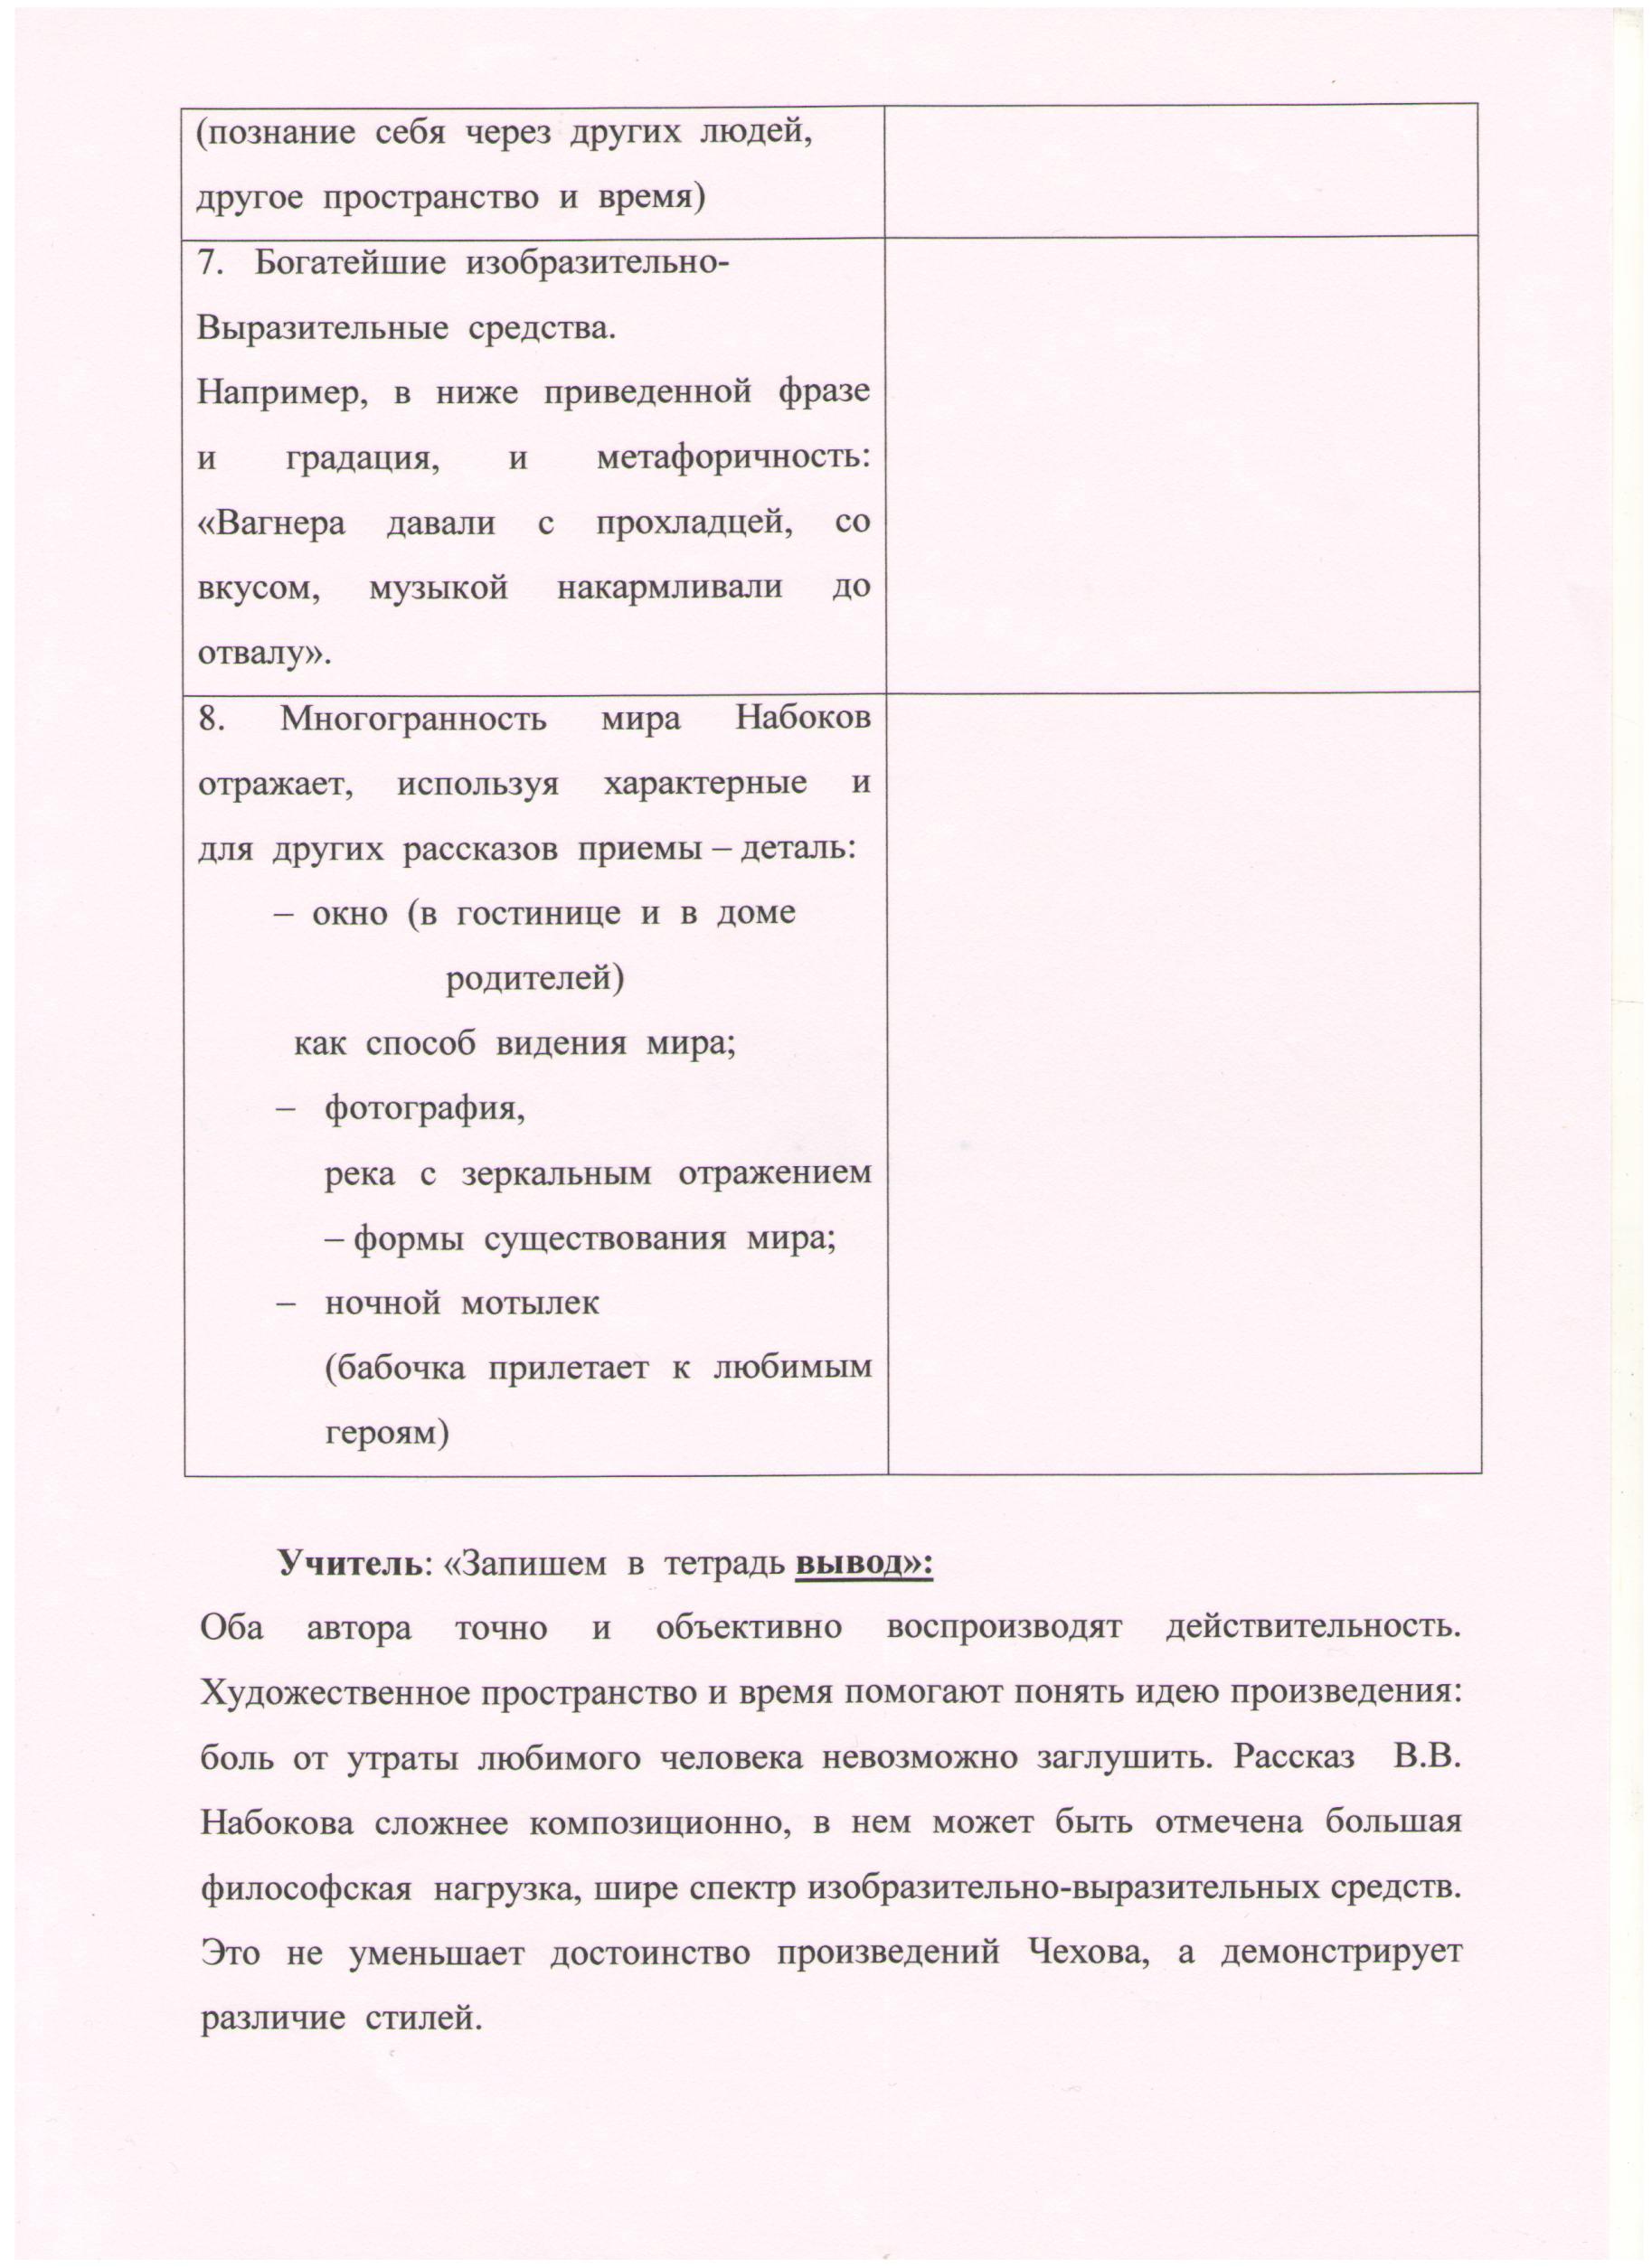 C:\Documents and Settings\Учитель\Рабочий стол\Новая папка\Работа Светы 34.jpg